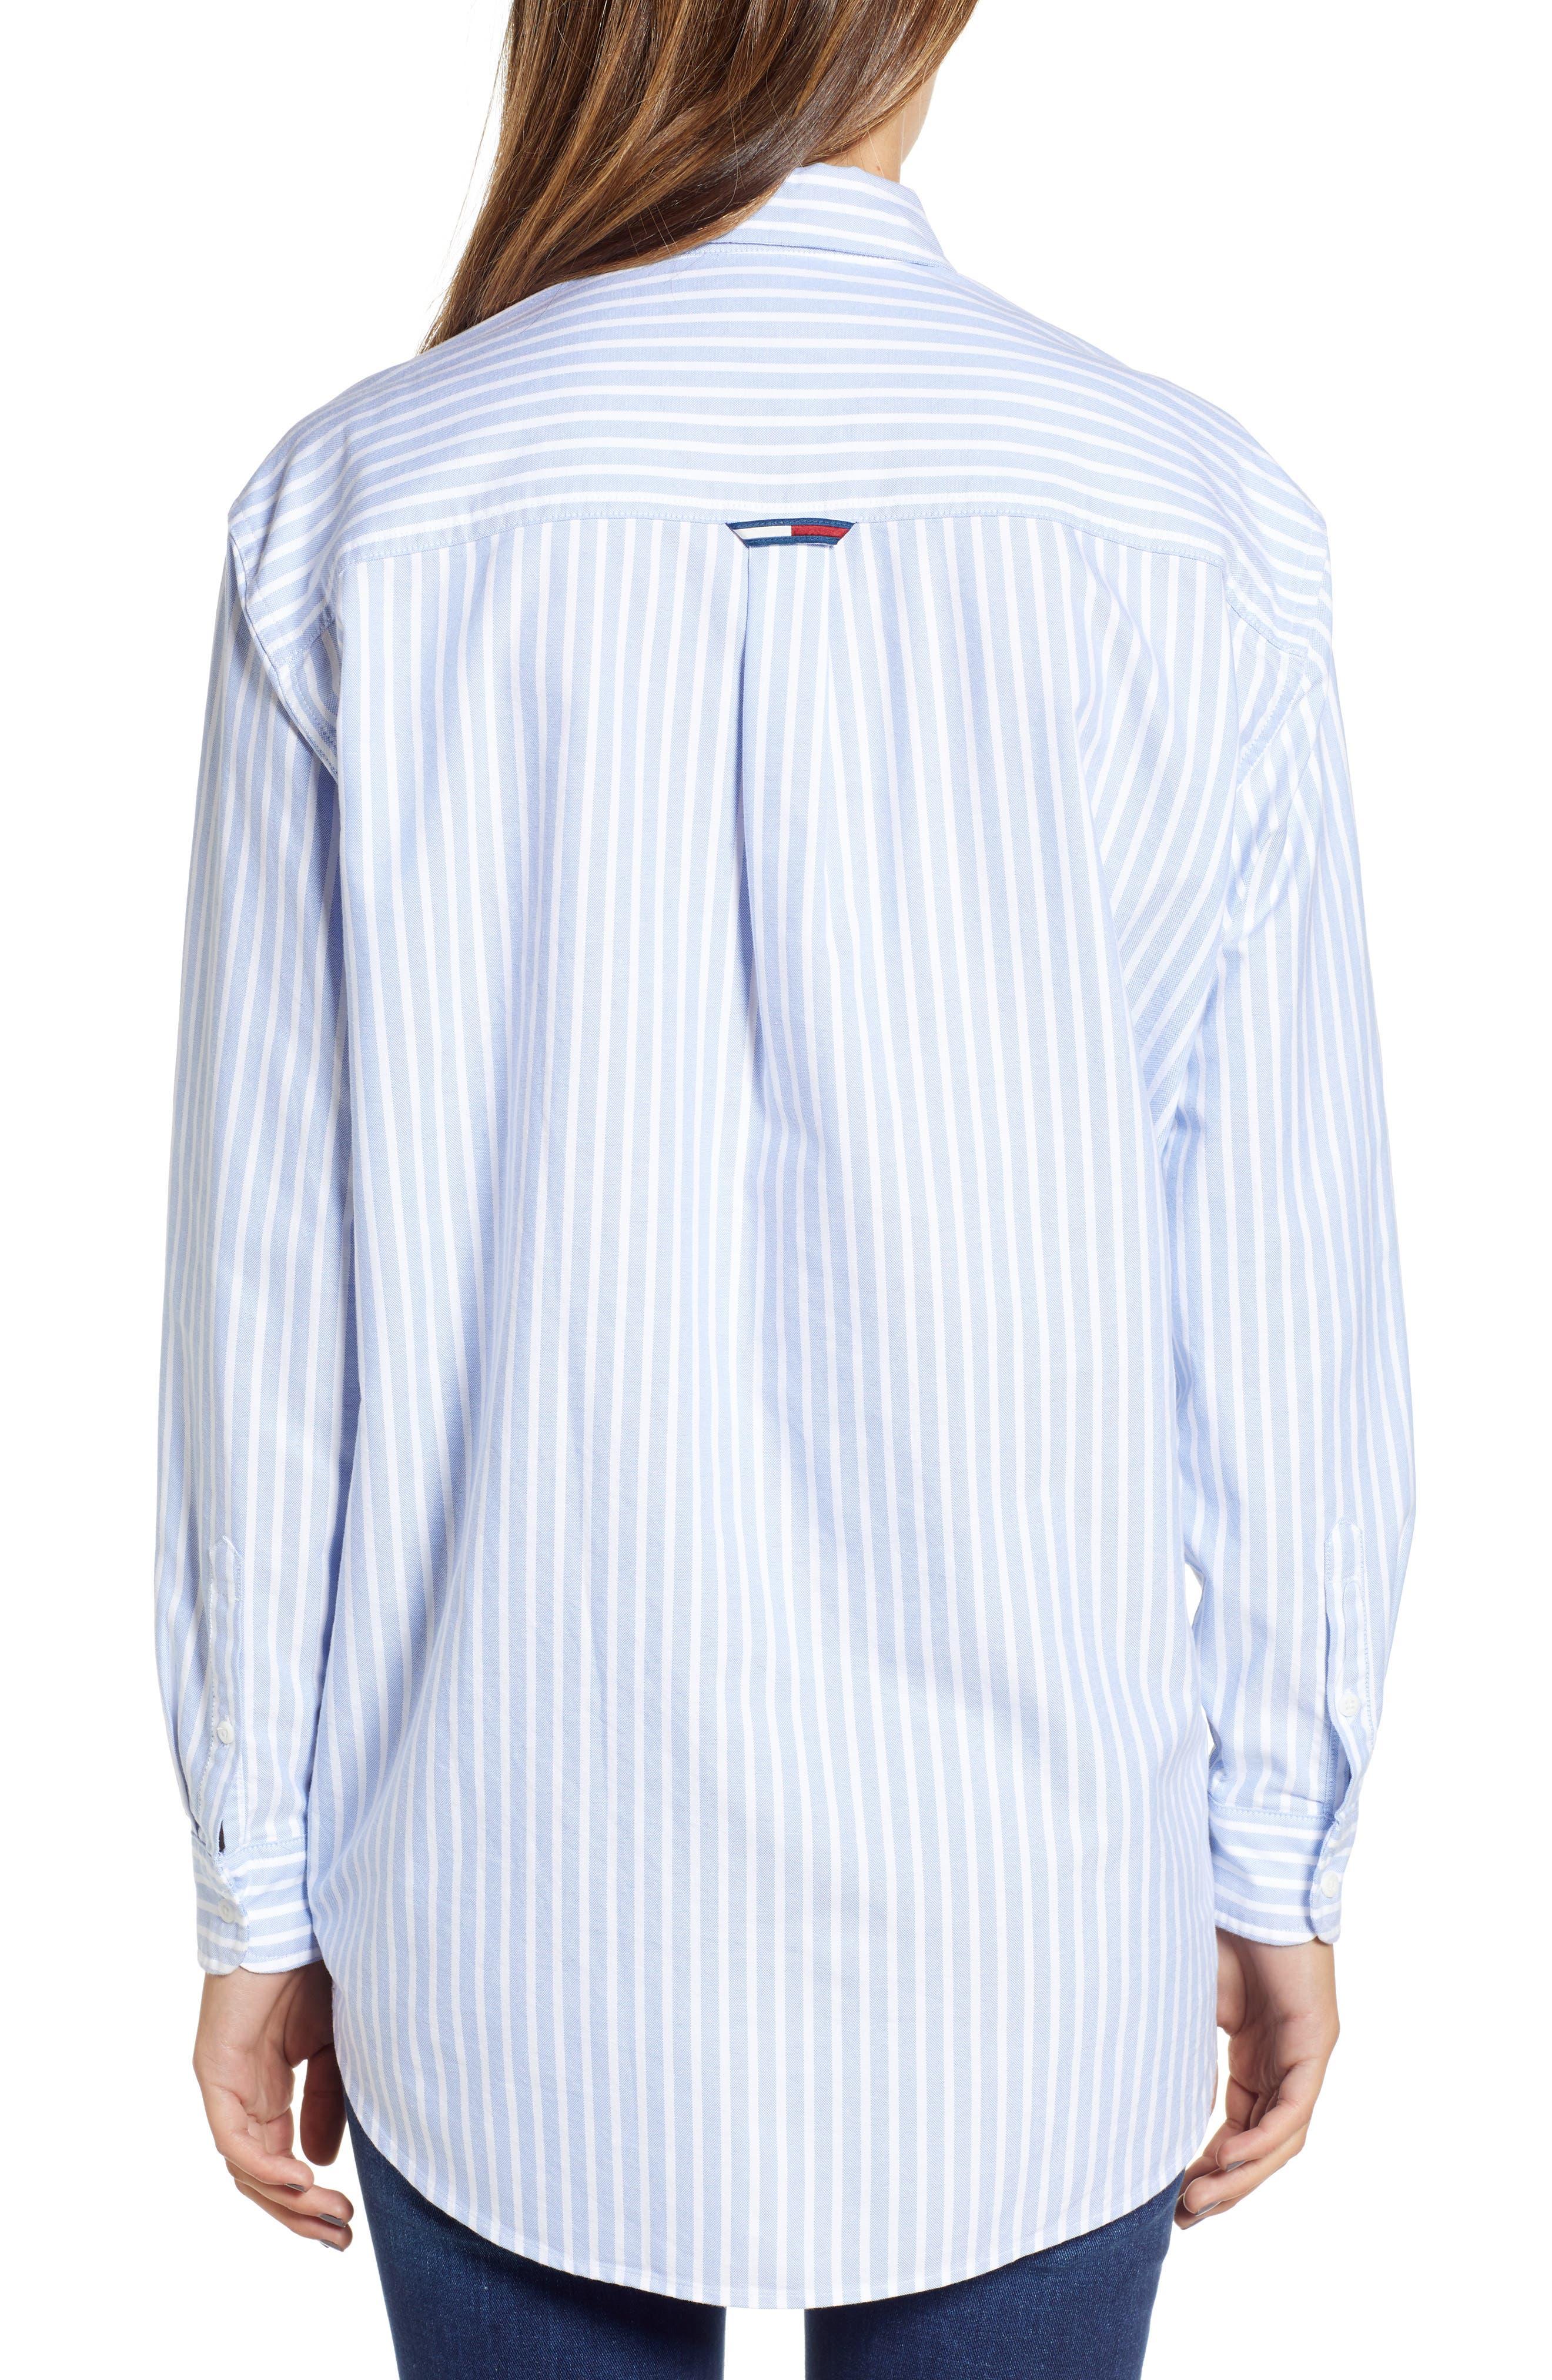 Classics Stripe Shirt,                             Alternate thumbnail 2, color,                             Light Blue / Bright White